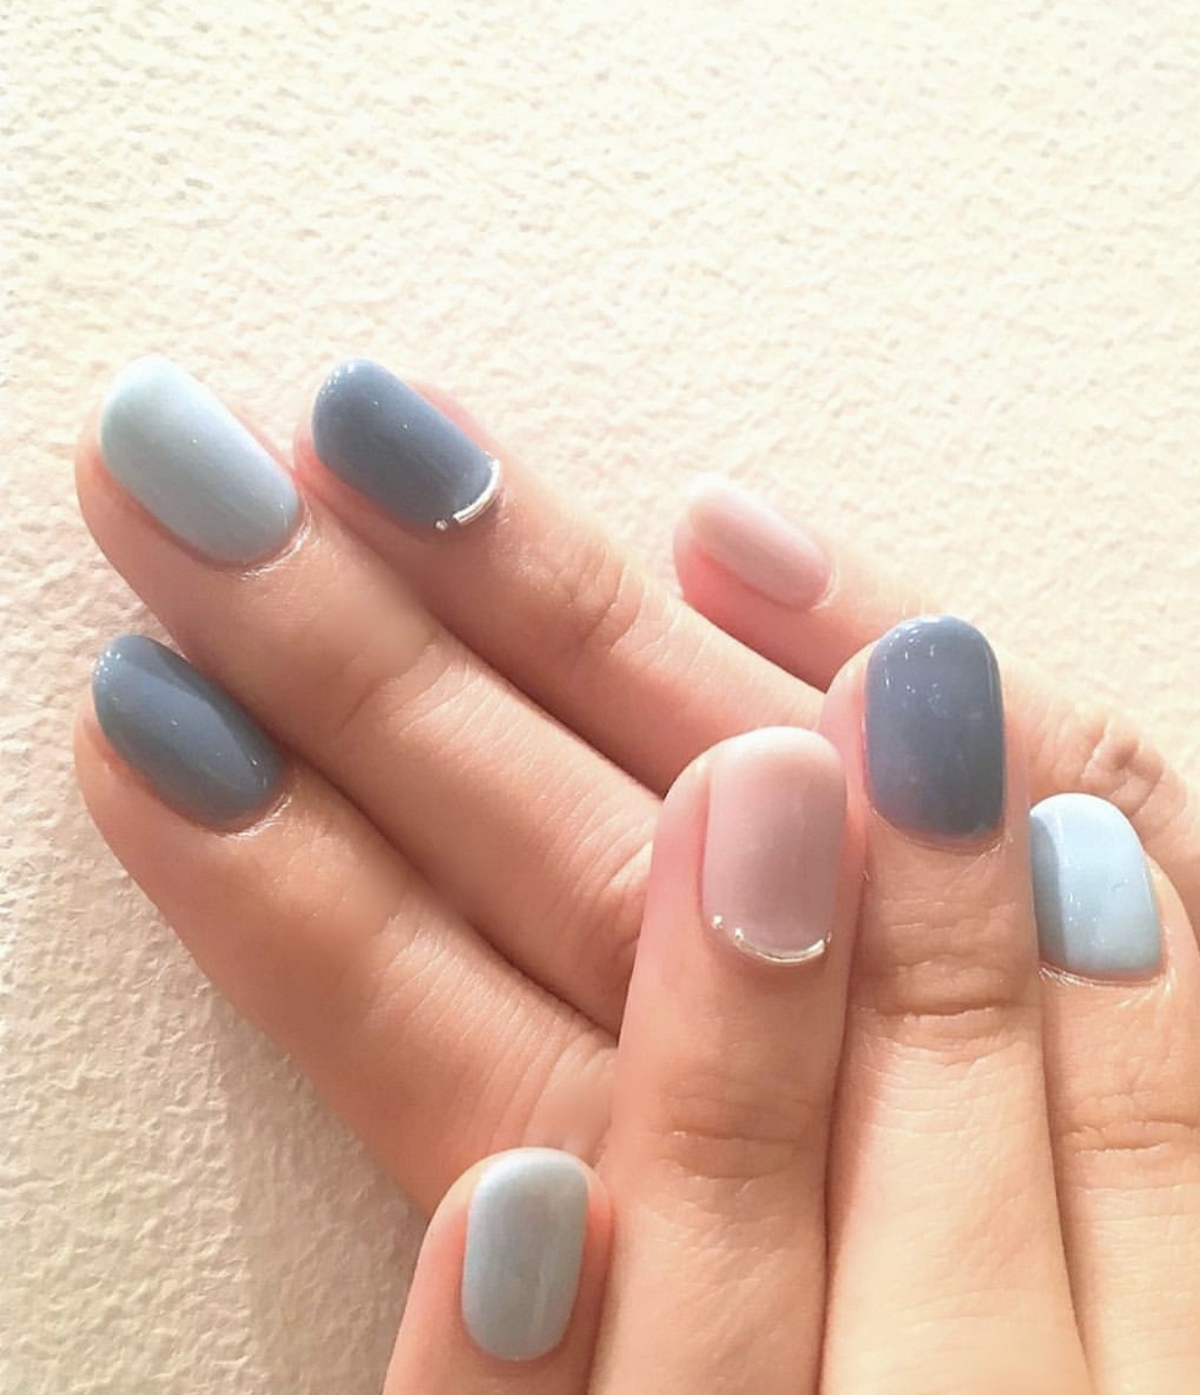 櫻花妹正夯的指甲底油!日本文青系指甲油uka再推新品,拯救受傷指甲重回健康美麗!